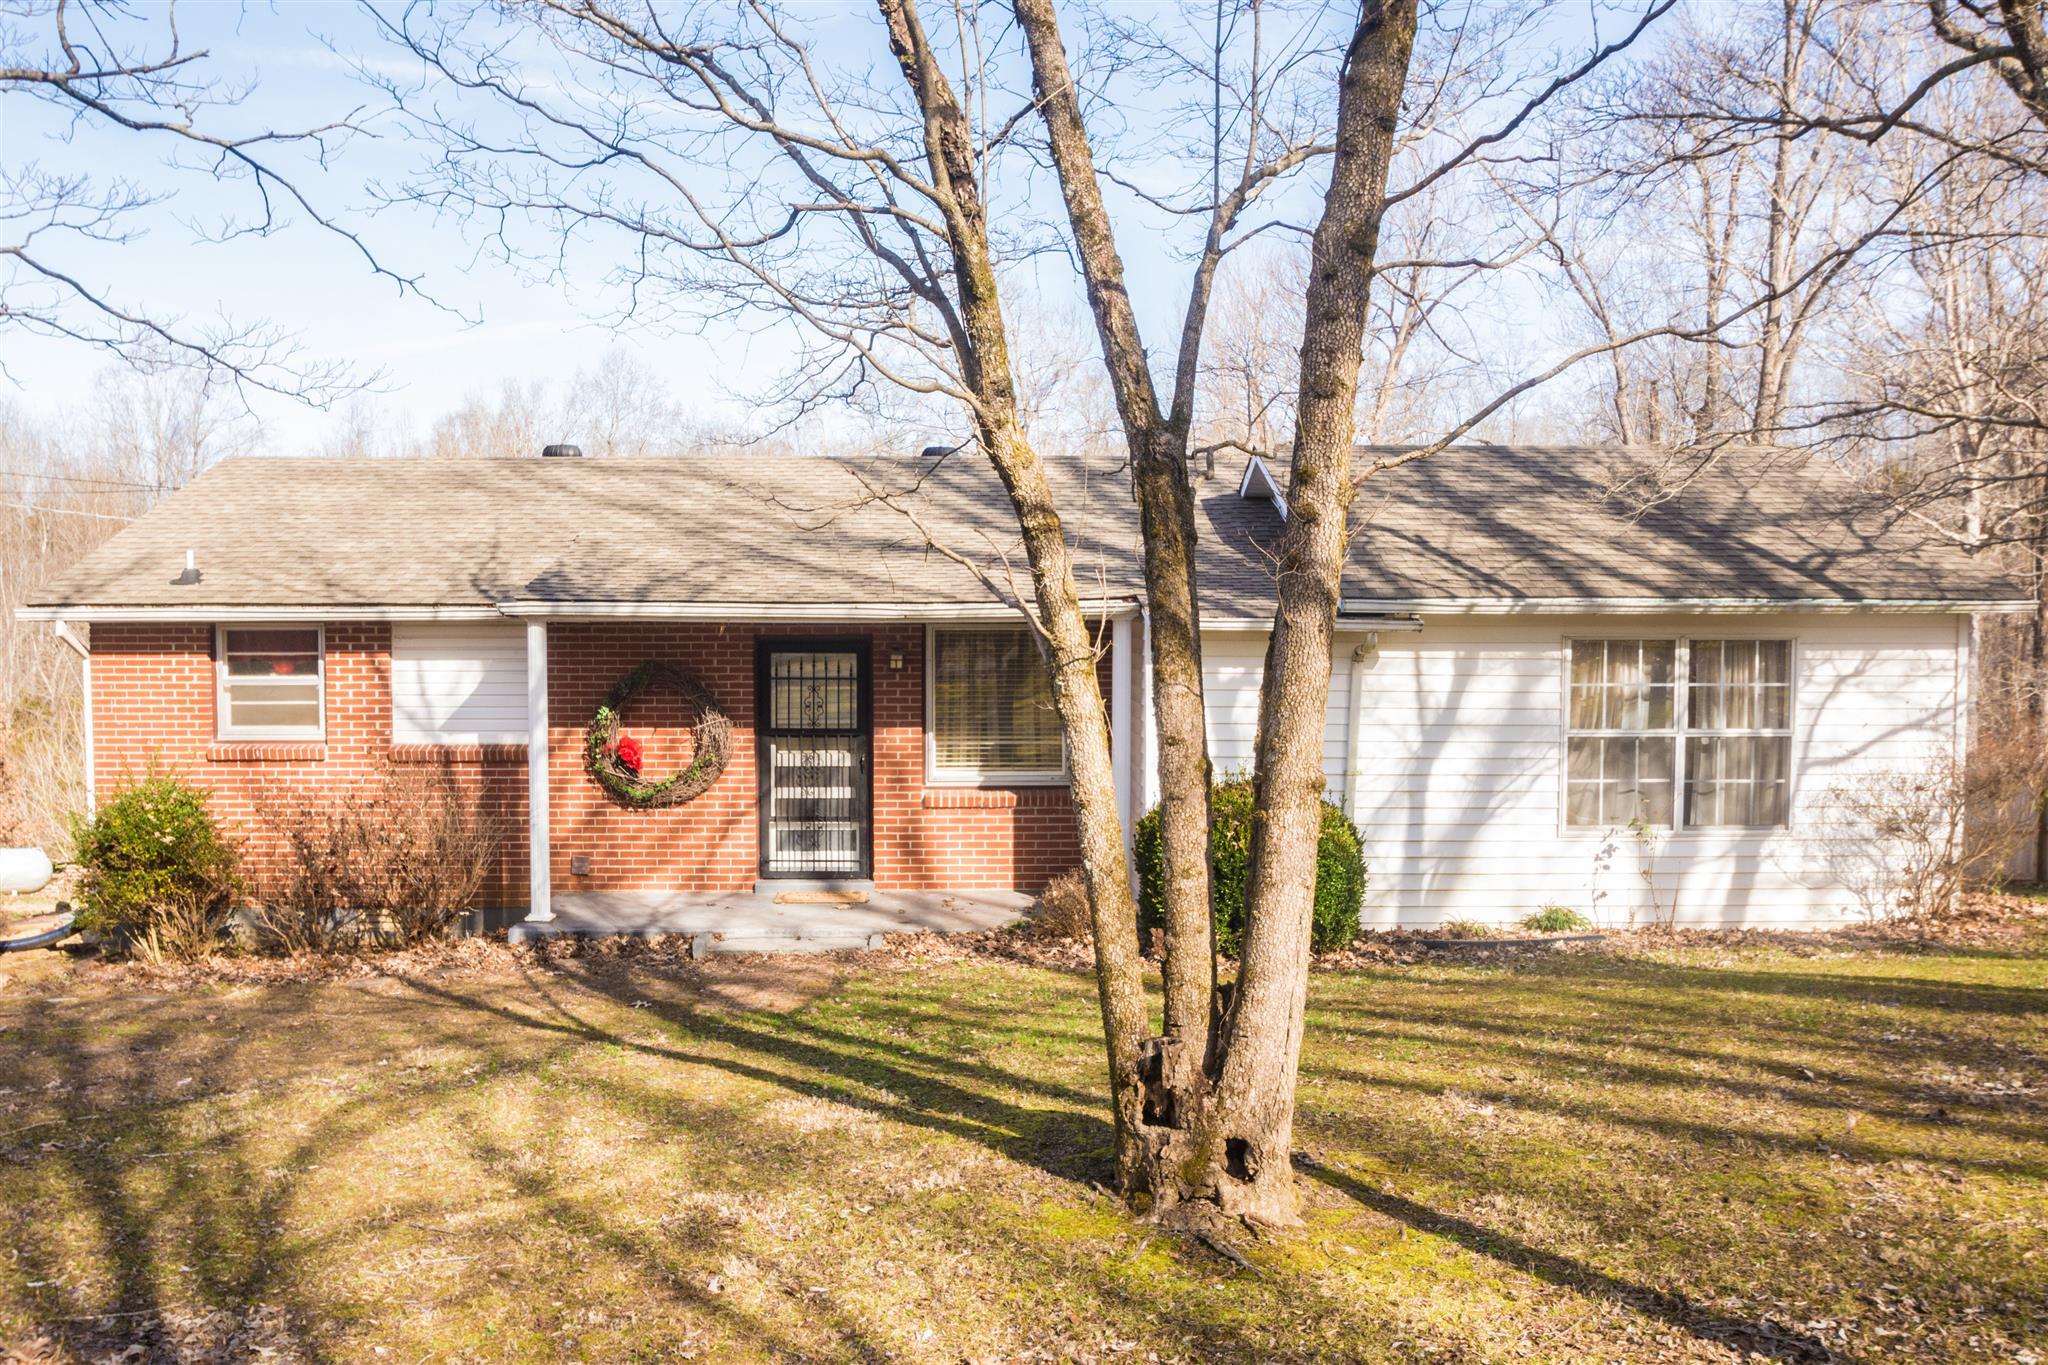 751 Hogan Rd, Clarksville, TN 37043